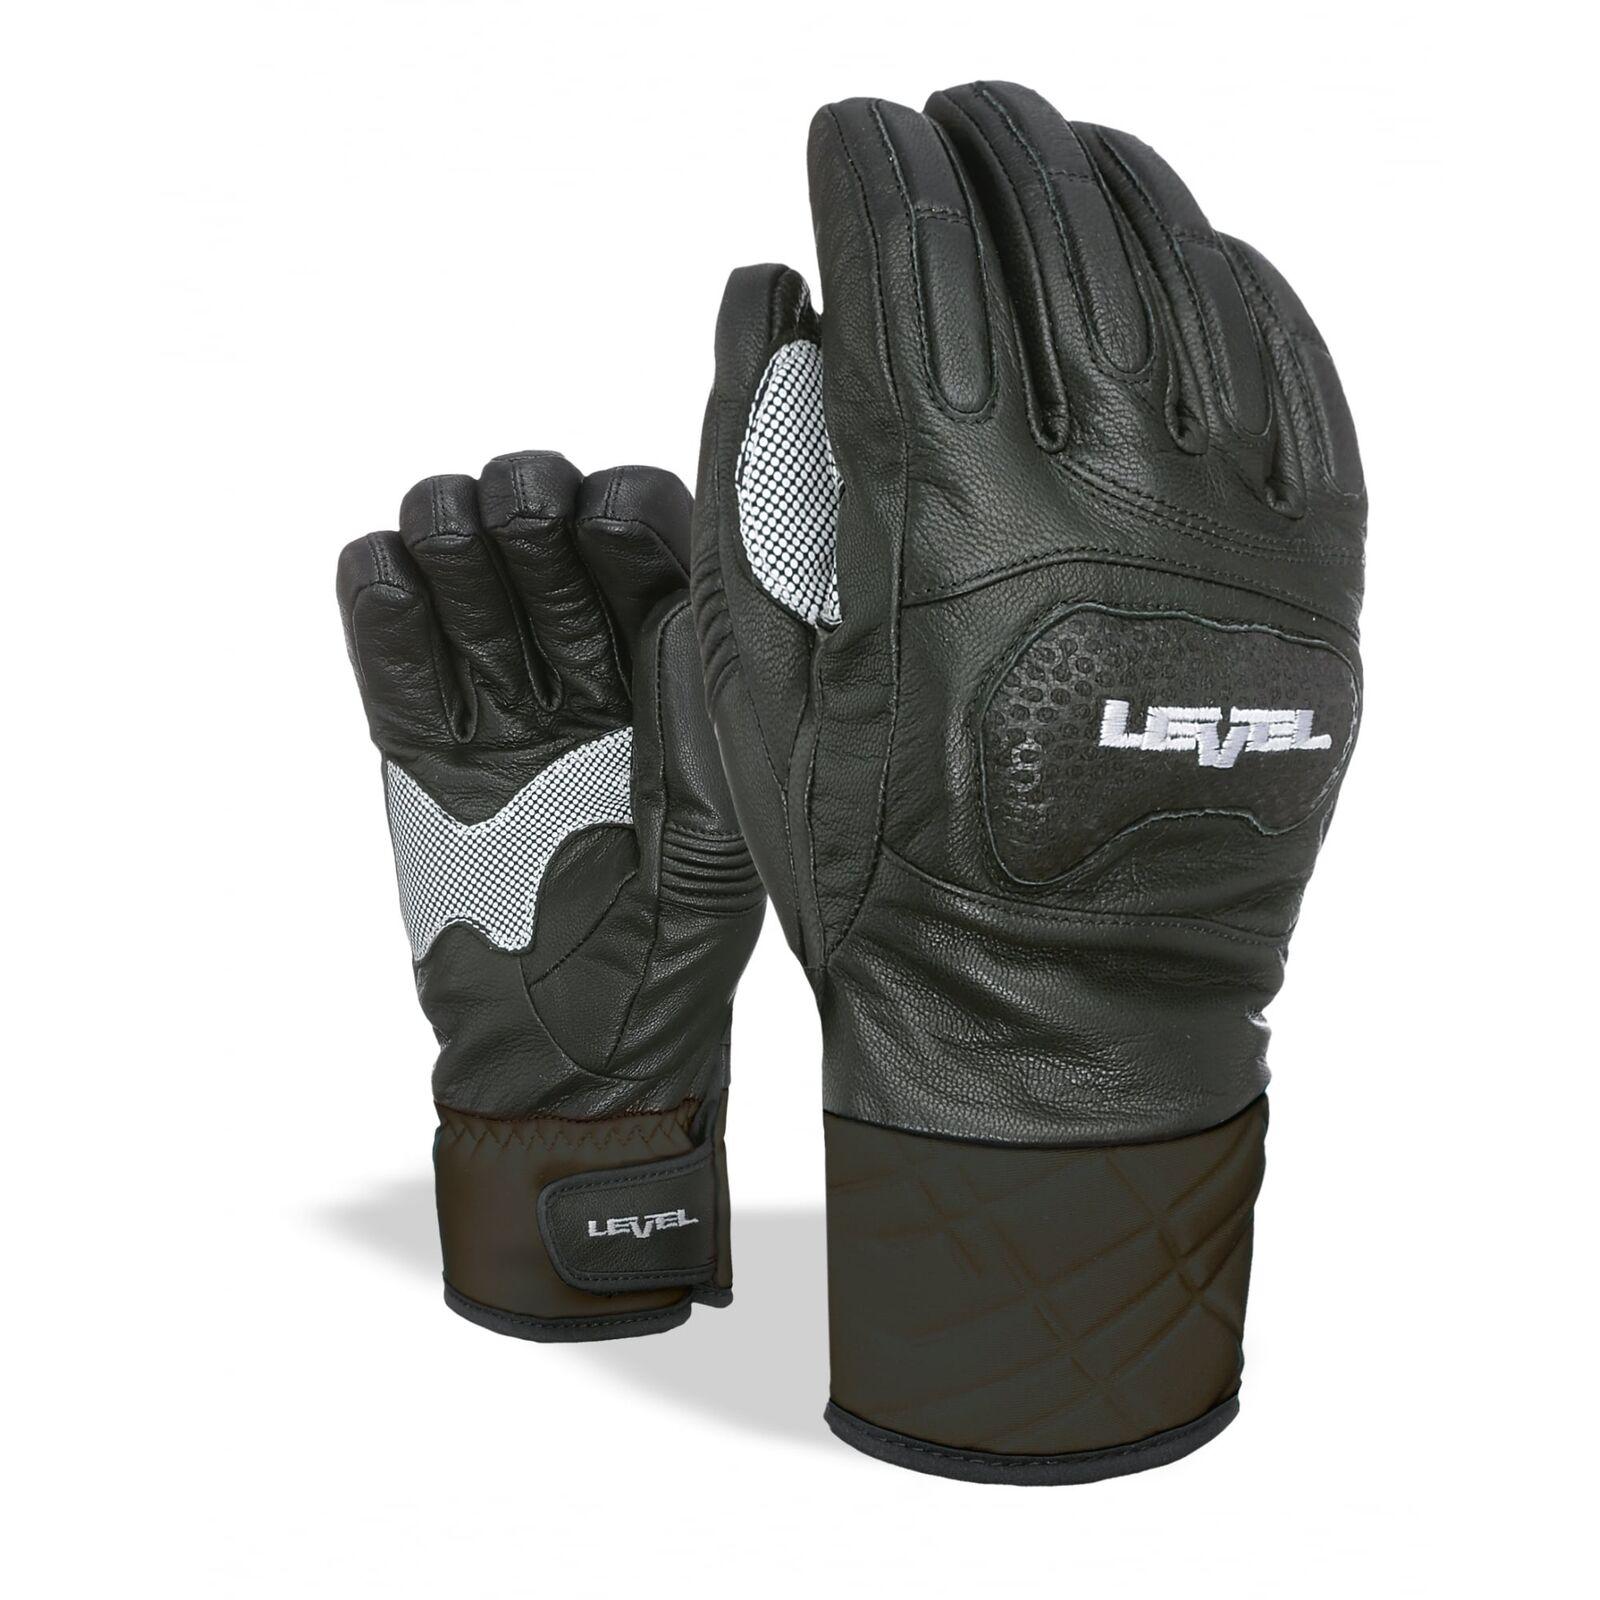 Level Unisex Level Race Glove Glove Glove (2018) 7e88fe